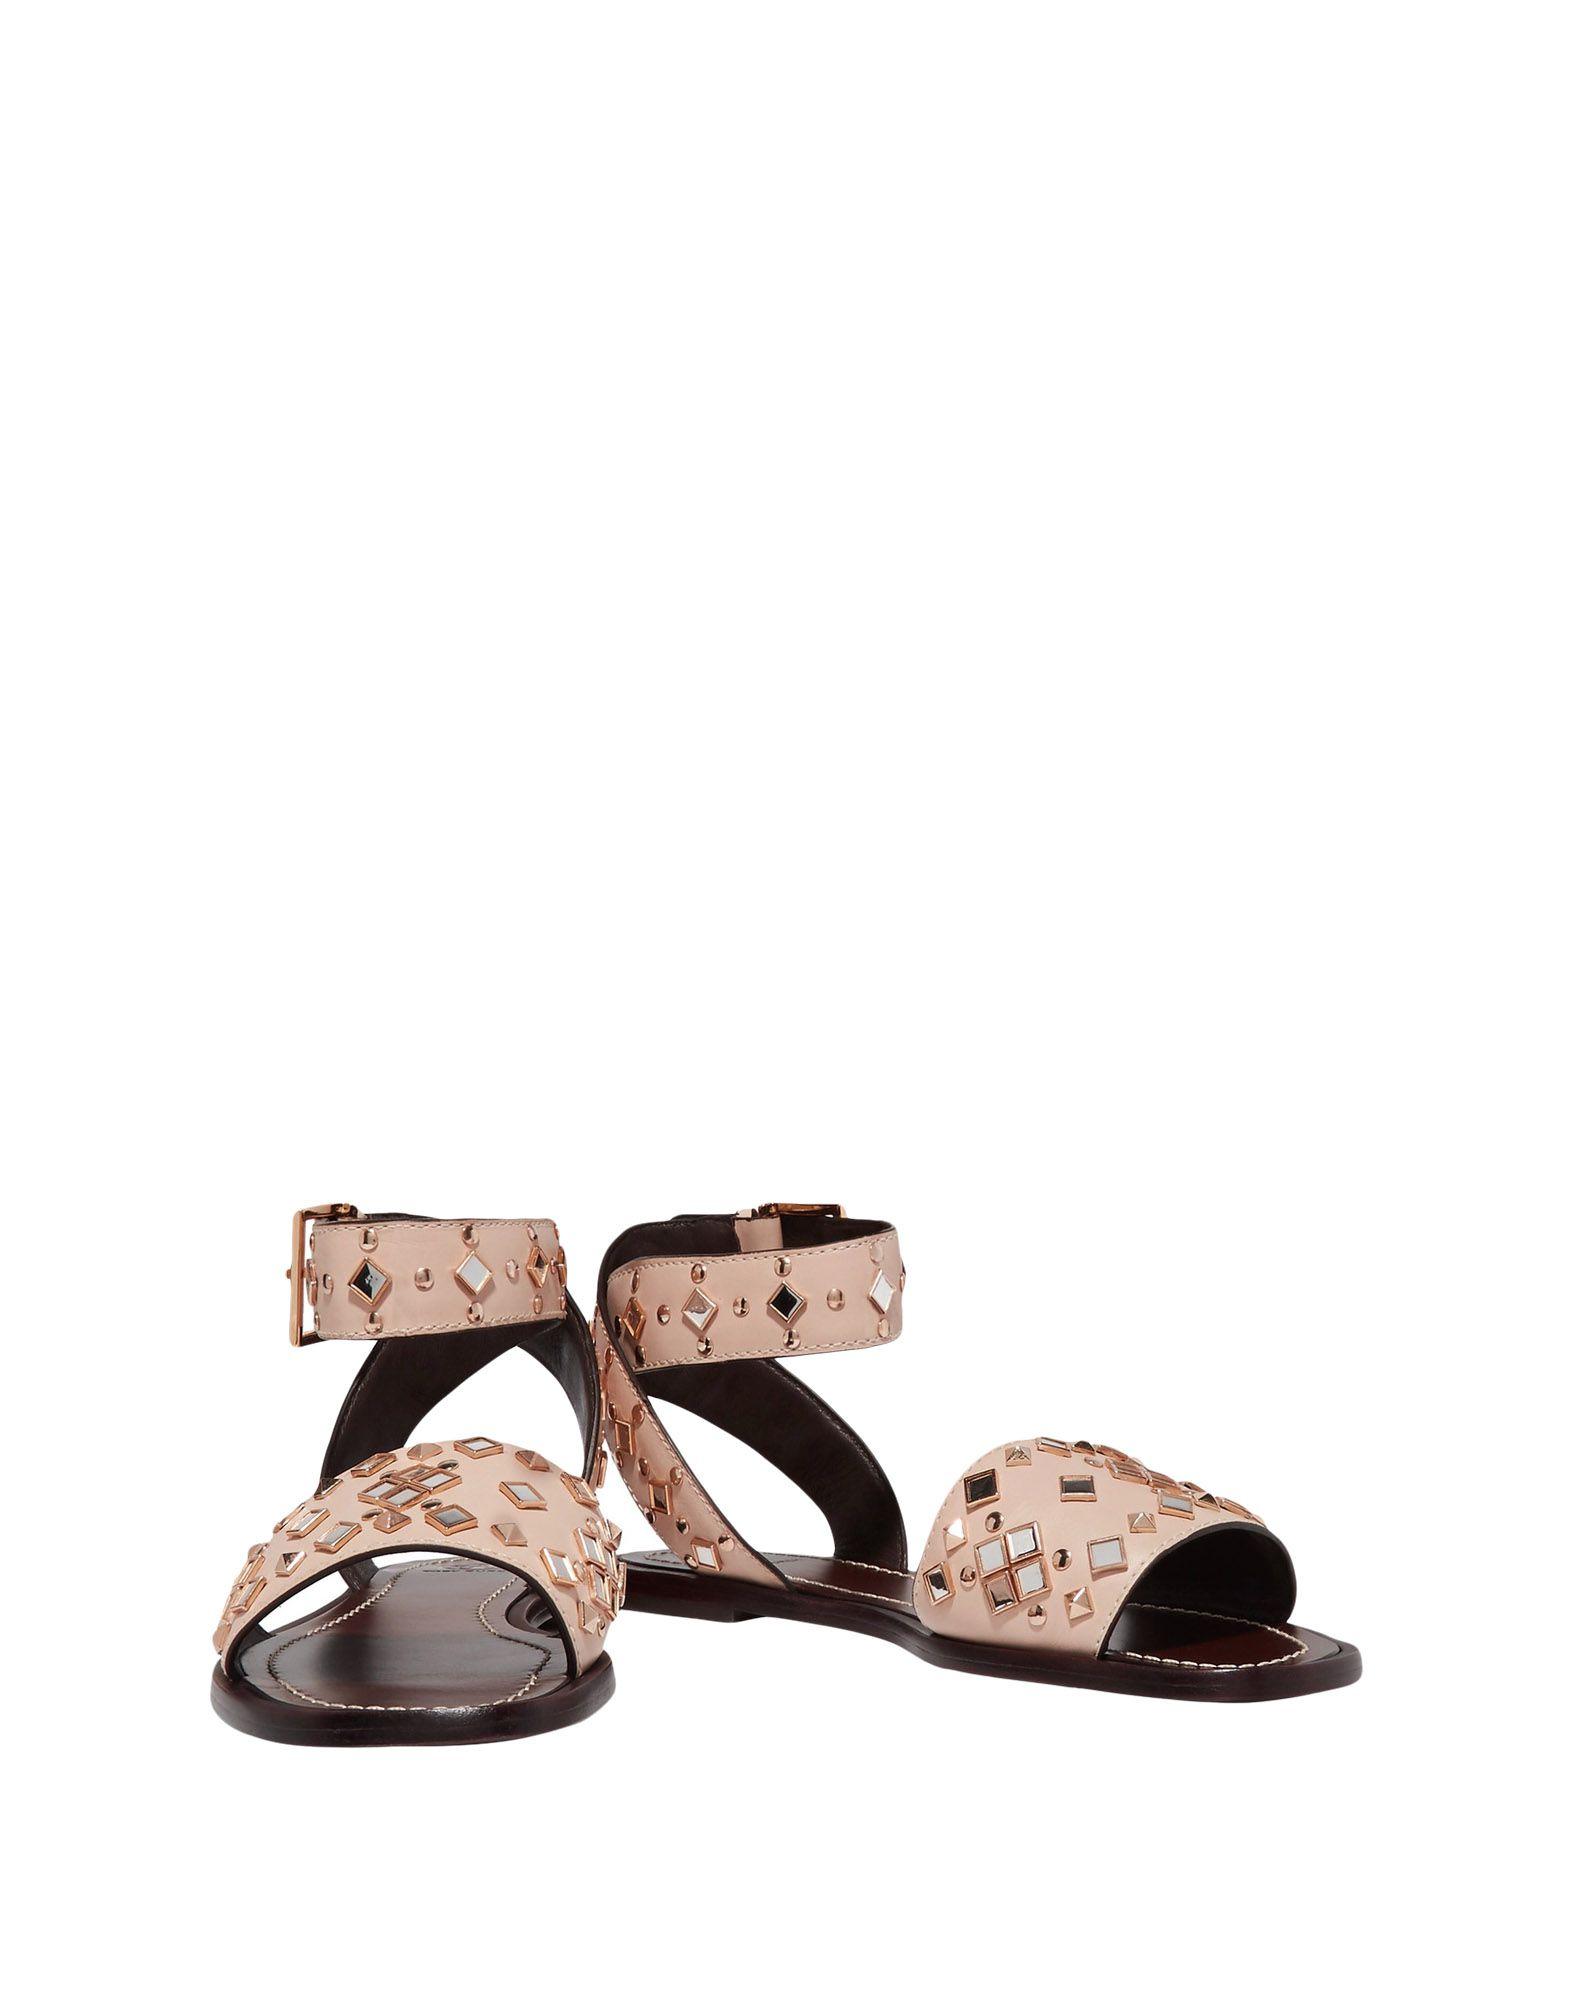 Tory Burch Sandalen Damen 11530634PEGut Schuhe aussehende strapazierfähige Schuhe 11530634PEGut ce4eaf